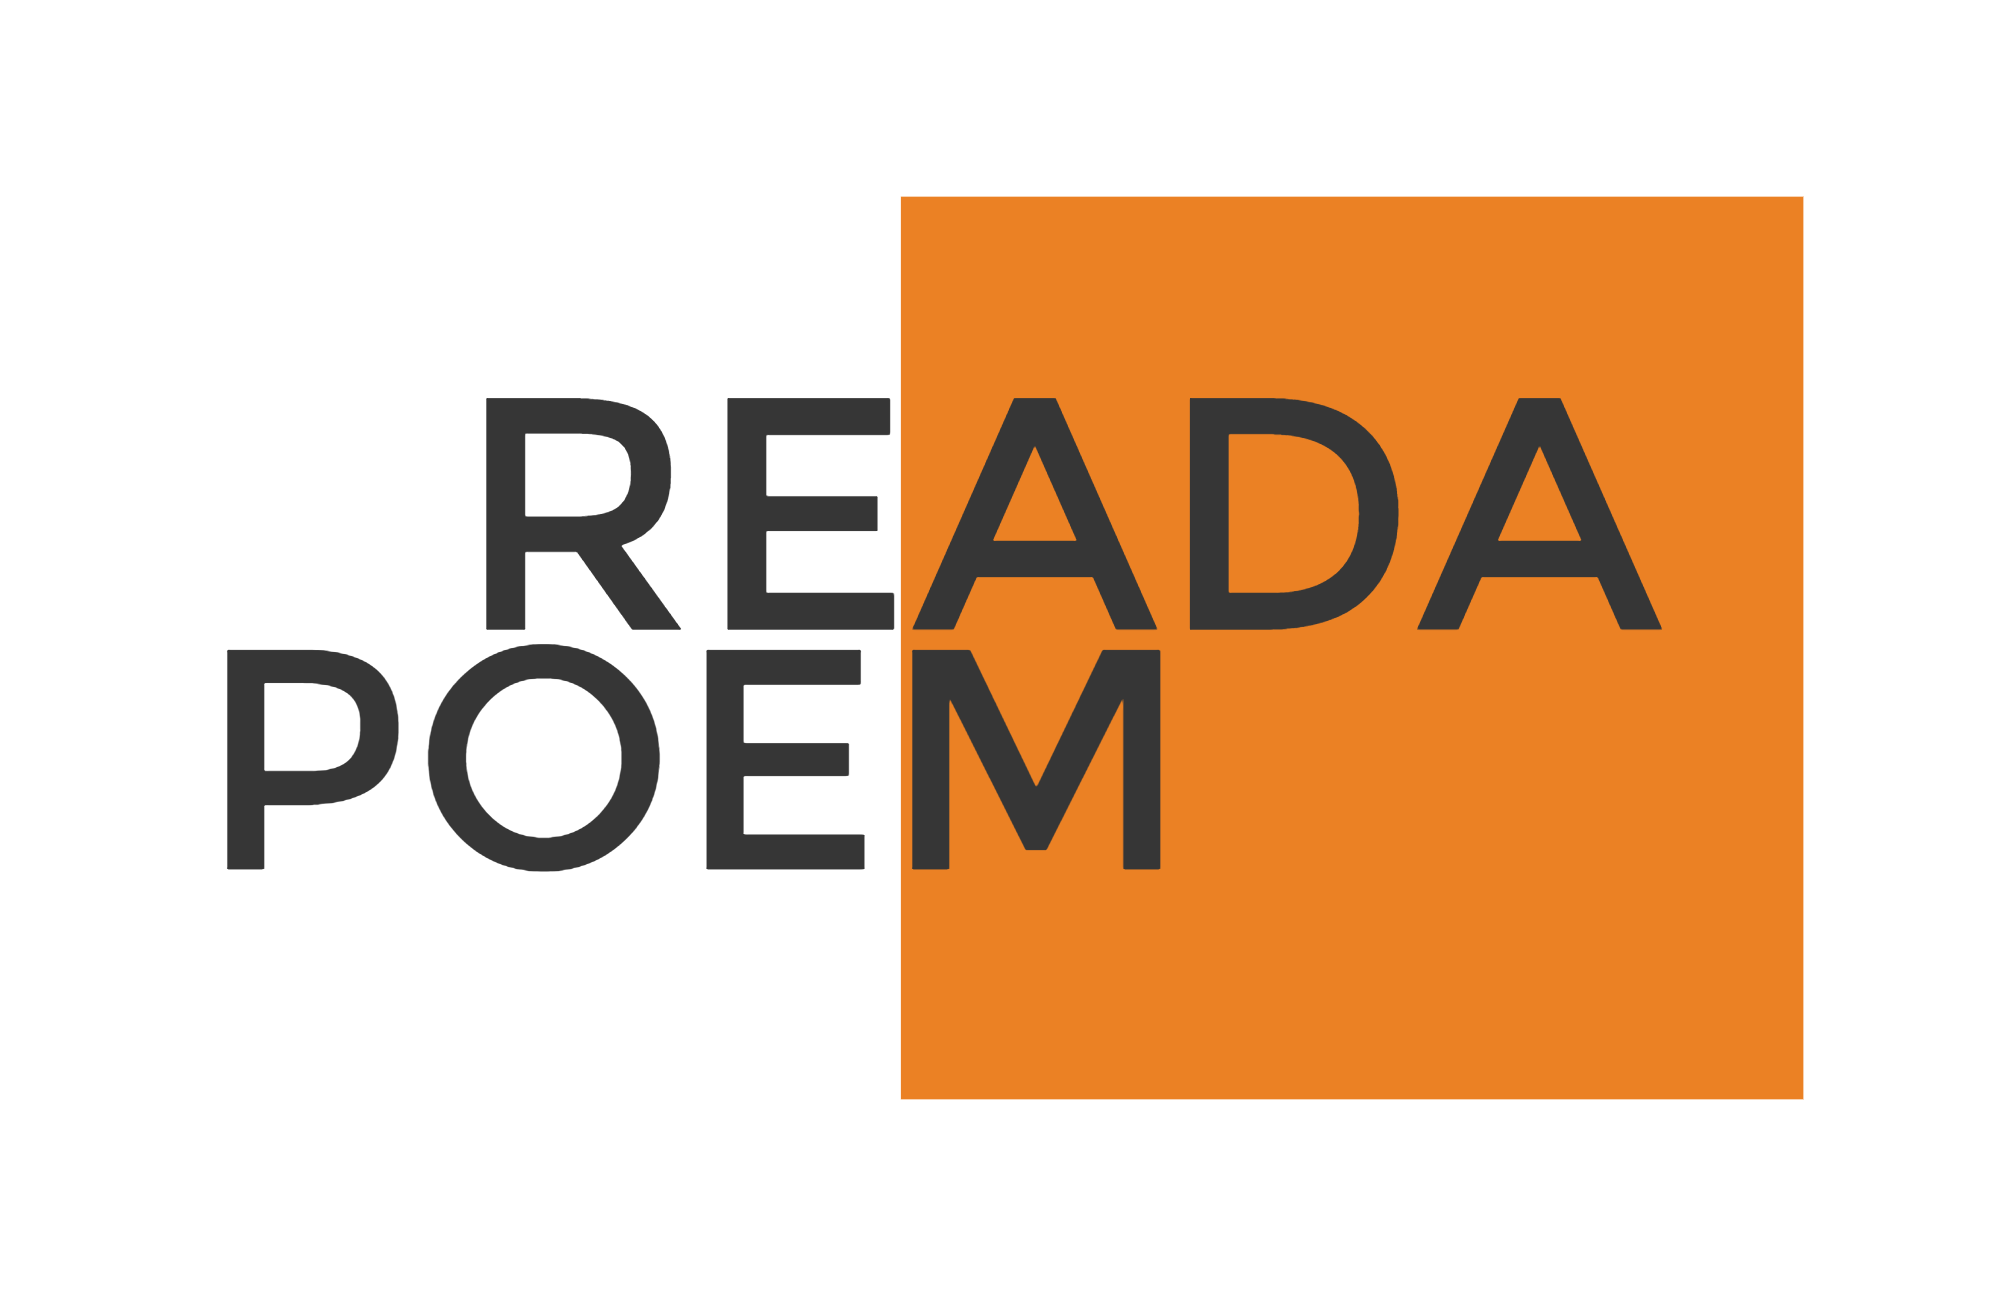 R E A D A-logo.png